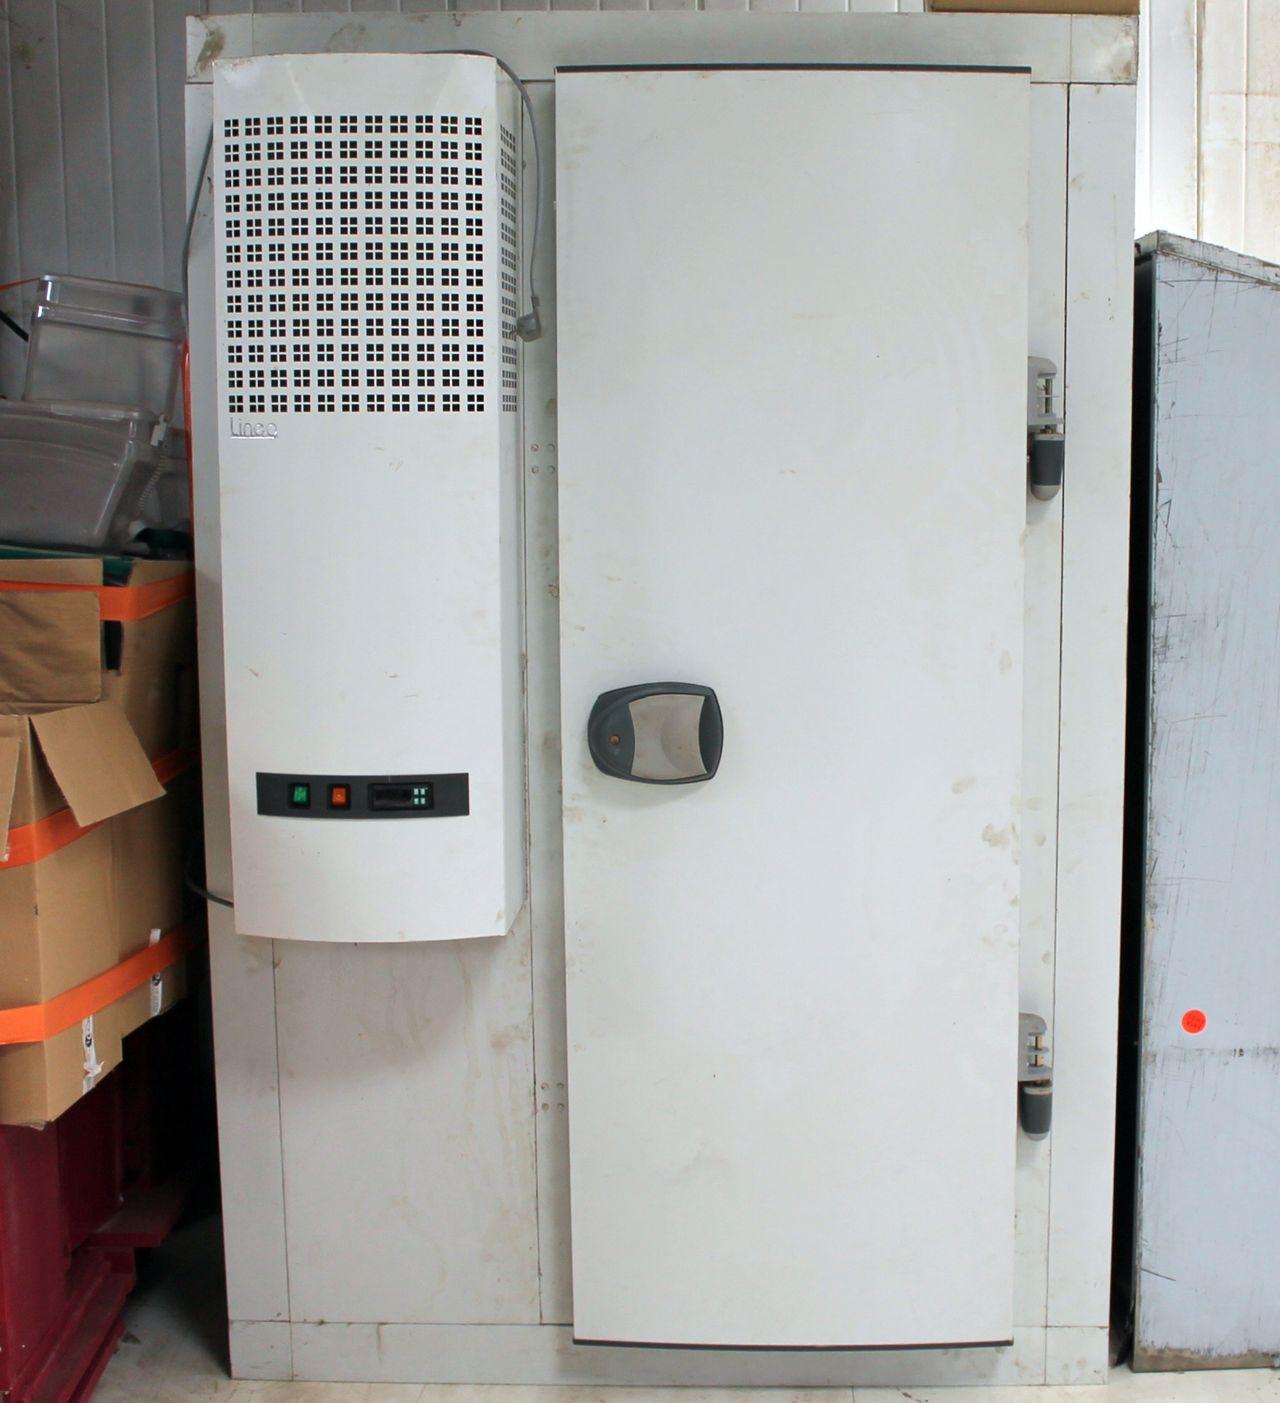 Chambre froide tout ce que vous devez imp rativement savoir avant d investir dans une nouvelle - Chambre froide boucherie ...